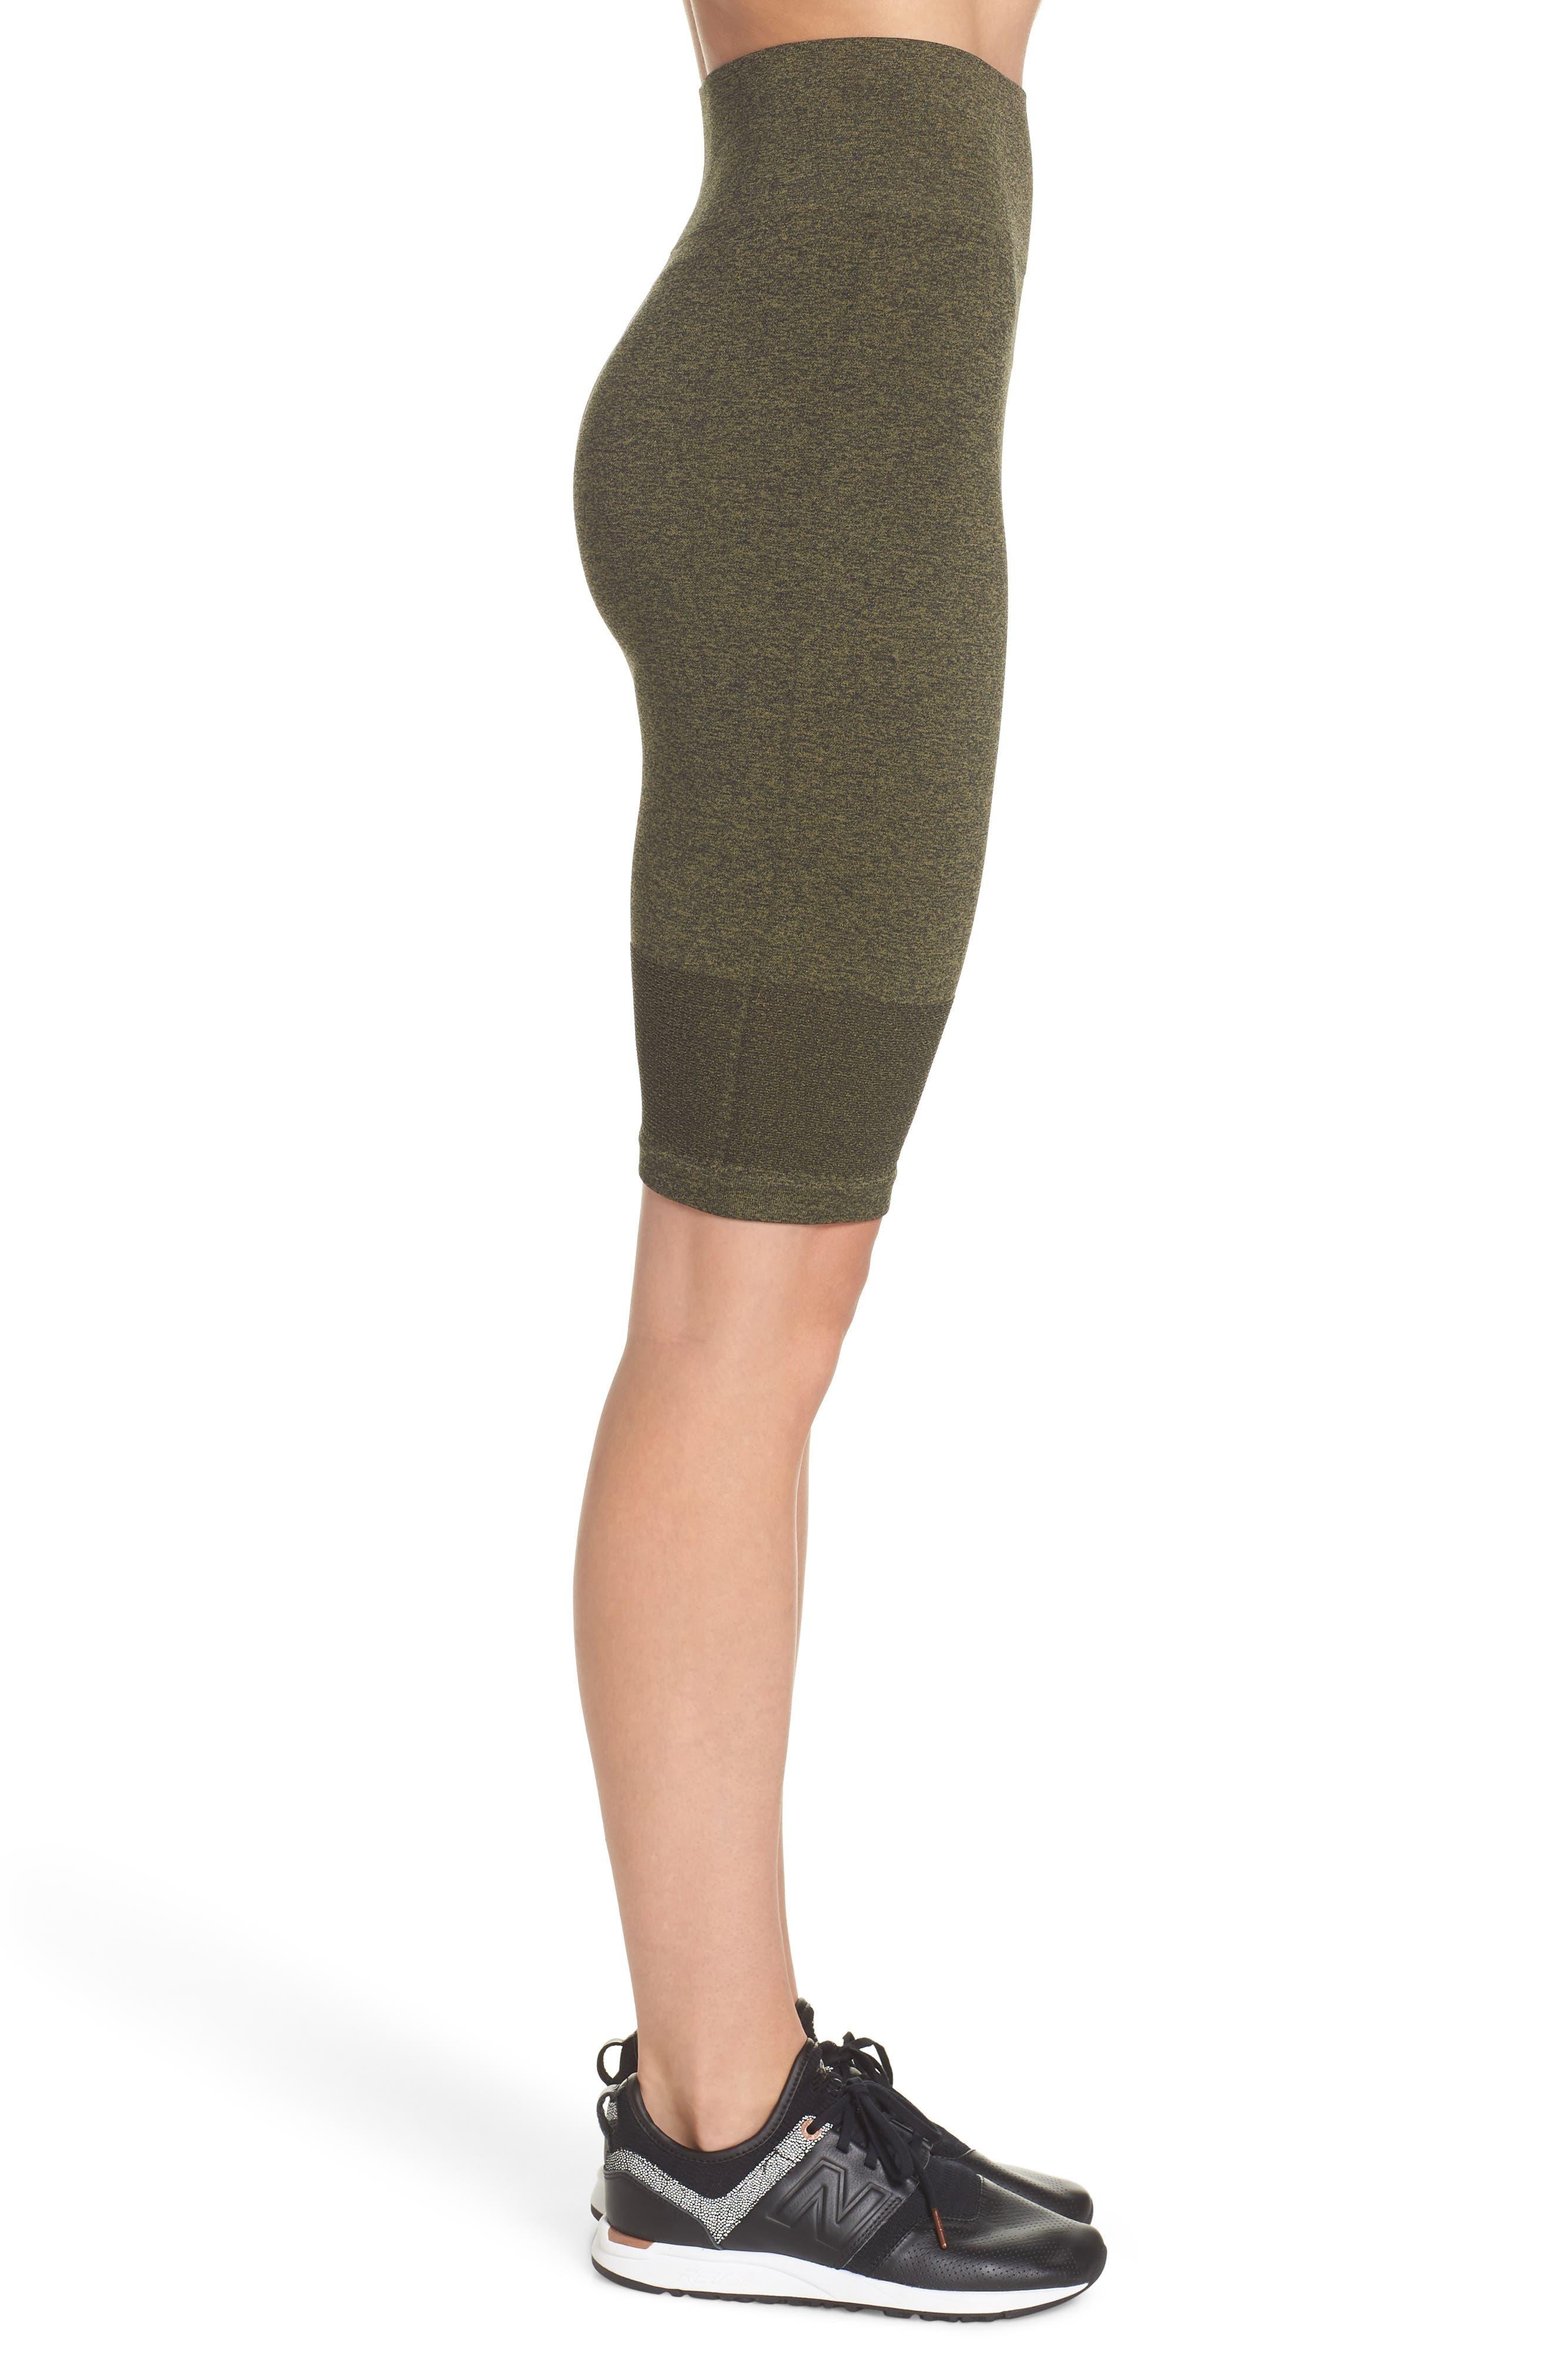 Aura Seamless Skirt,                             Alternate thumbnail 3, color,                             Deep Lichen Green/ Black